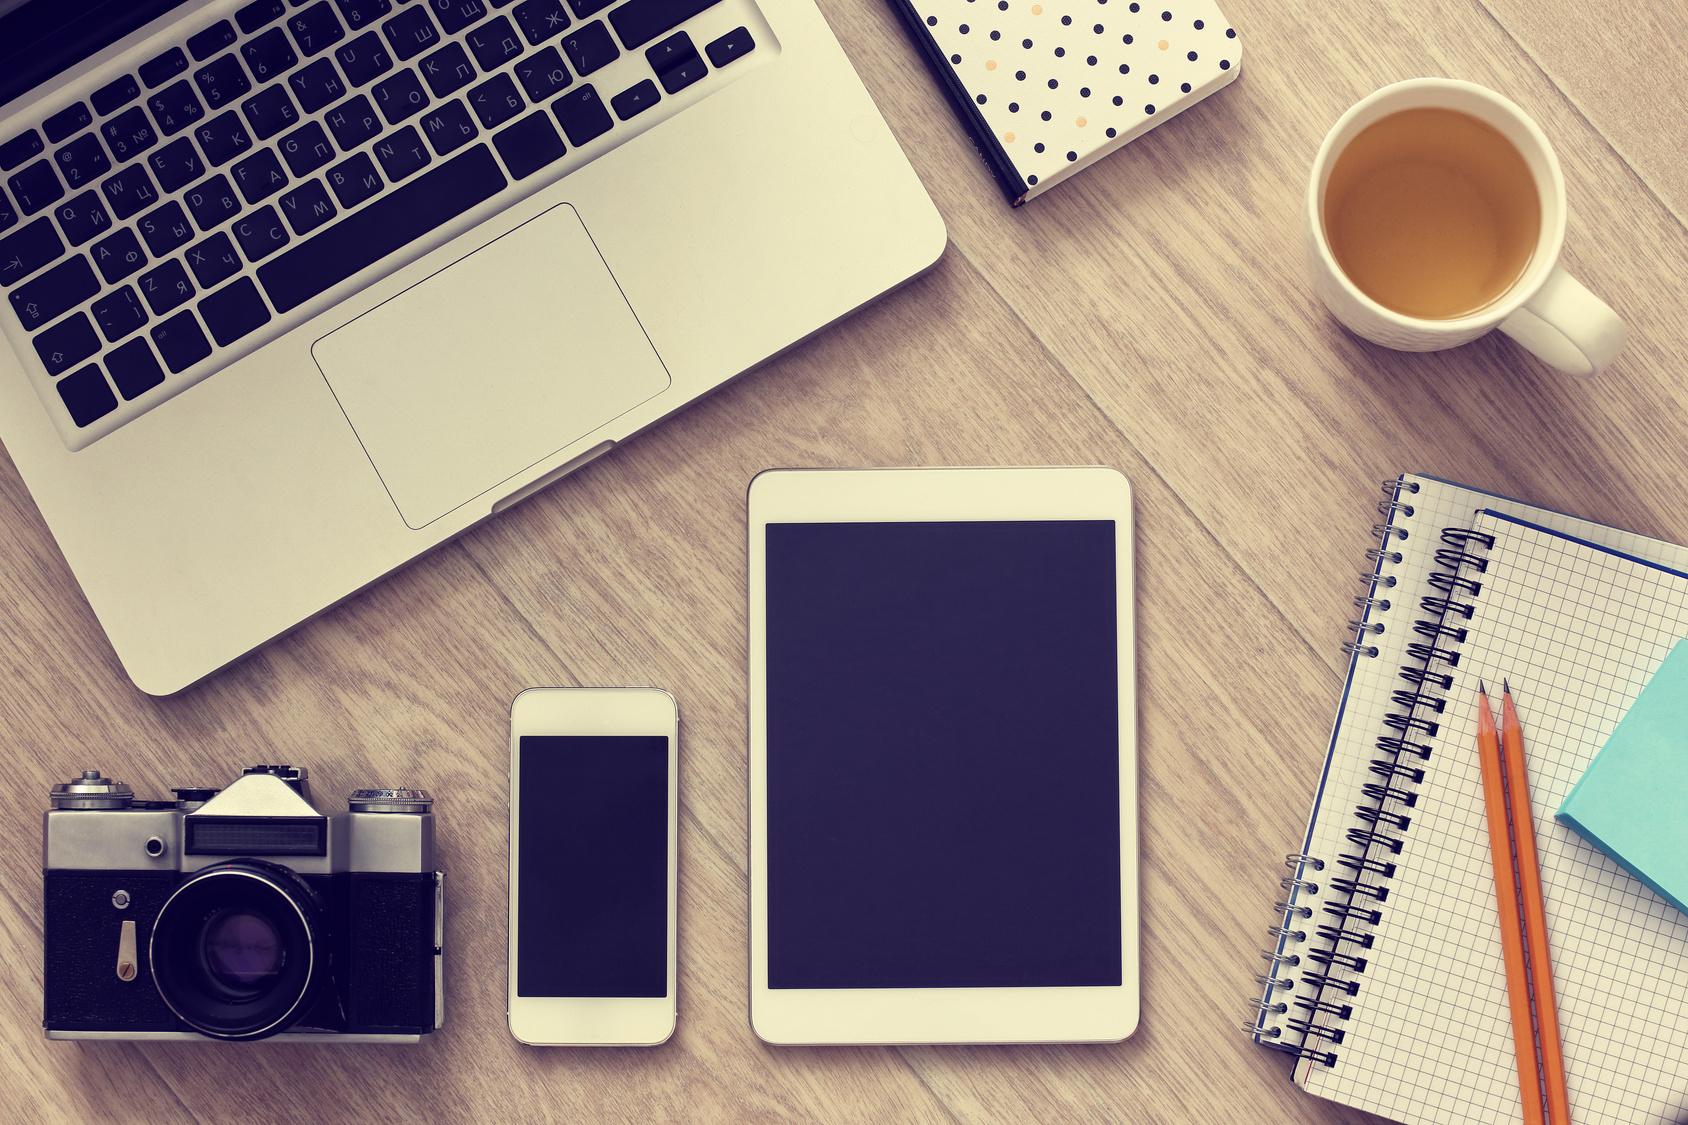 Entdecken Consumer elektronische Produkte , die am besten zu Ihrem Lebensstil Bedürfnisse anzupassen und das beste Preis -Leistungs-Verhältnis bietet!